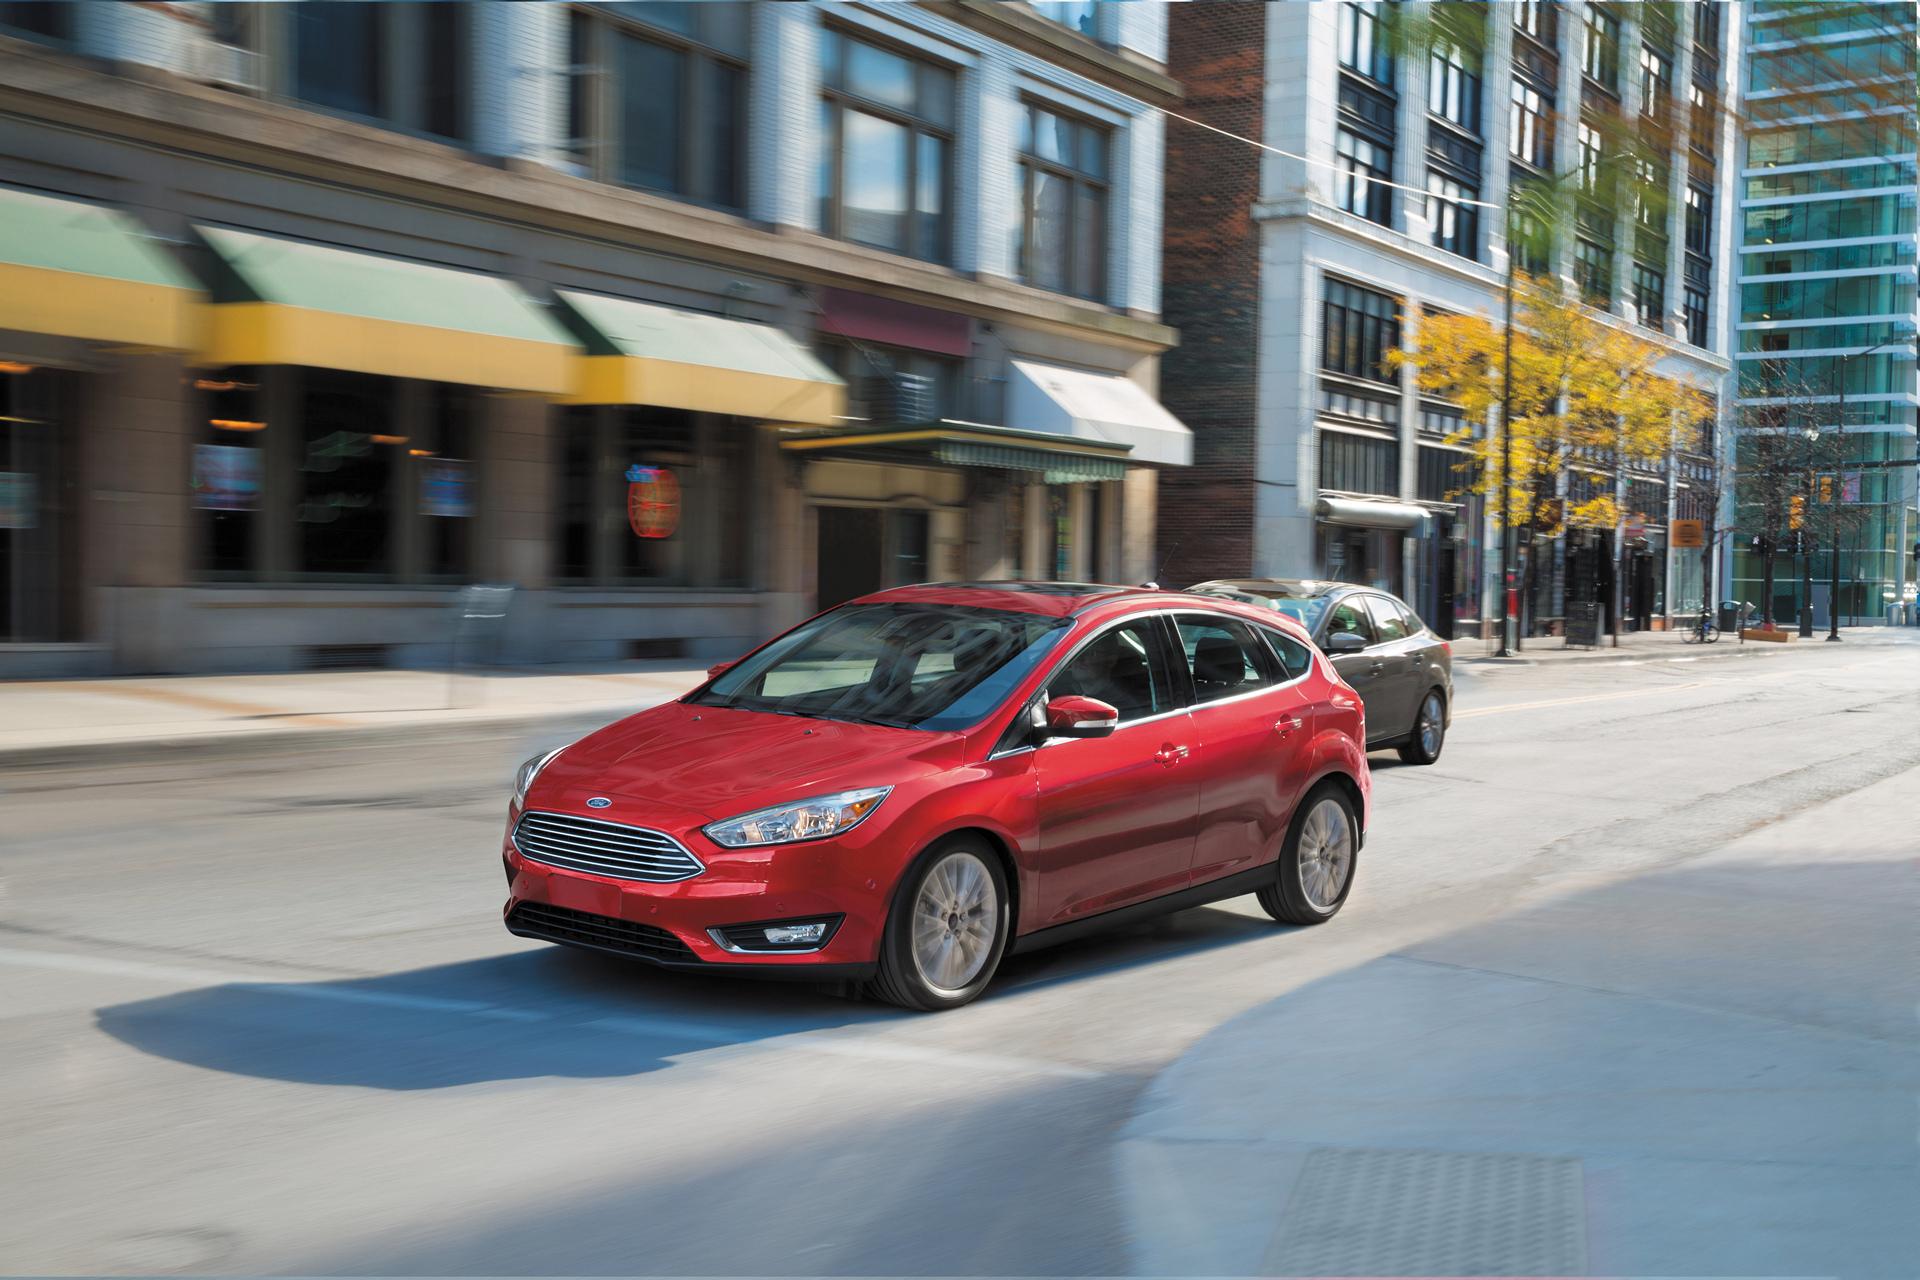 Ford готовит премьеру нового кроссовера Focus CUV